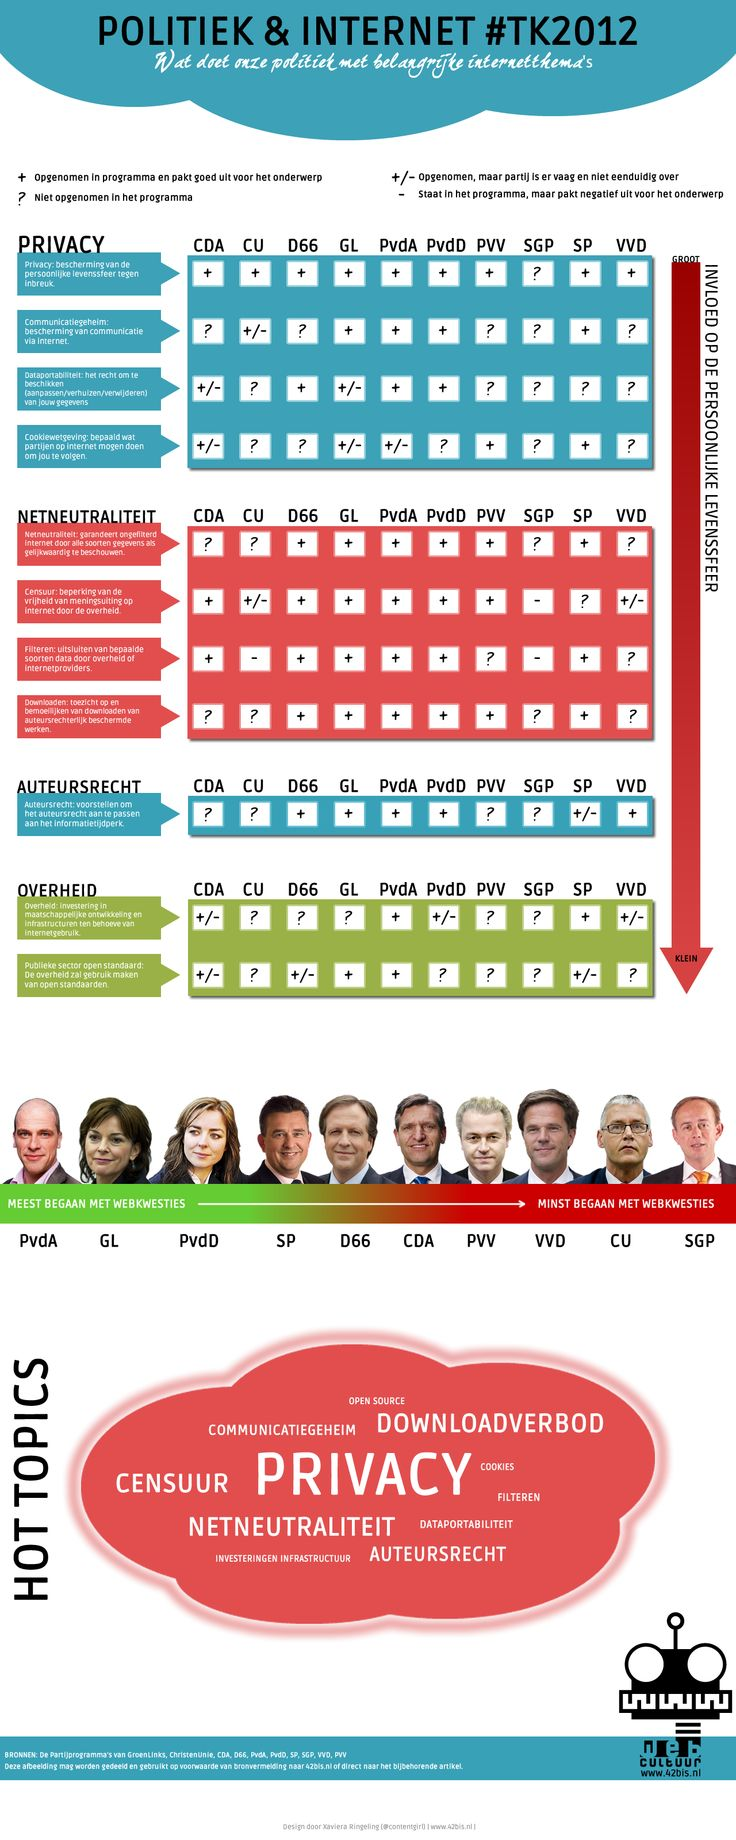 De politiek en internet: wat zeggen de partijen er zelf over?